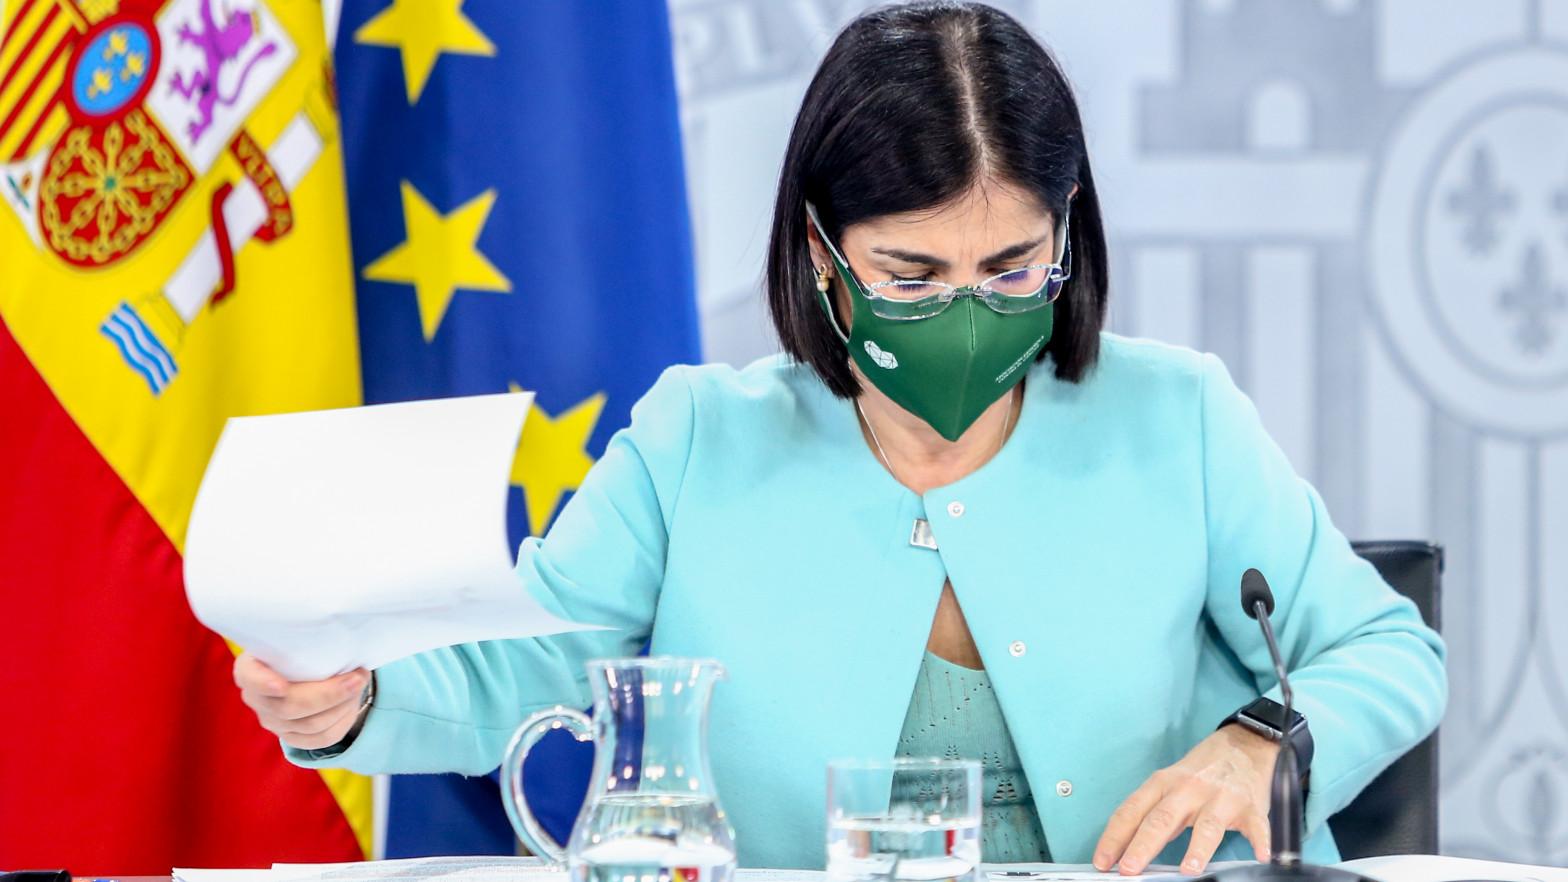 España reanudará la vacunación con AstraZeneca tras el aval de la UE